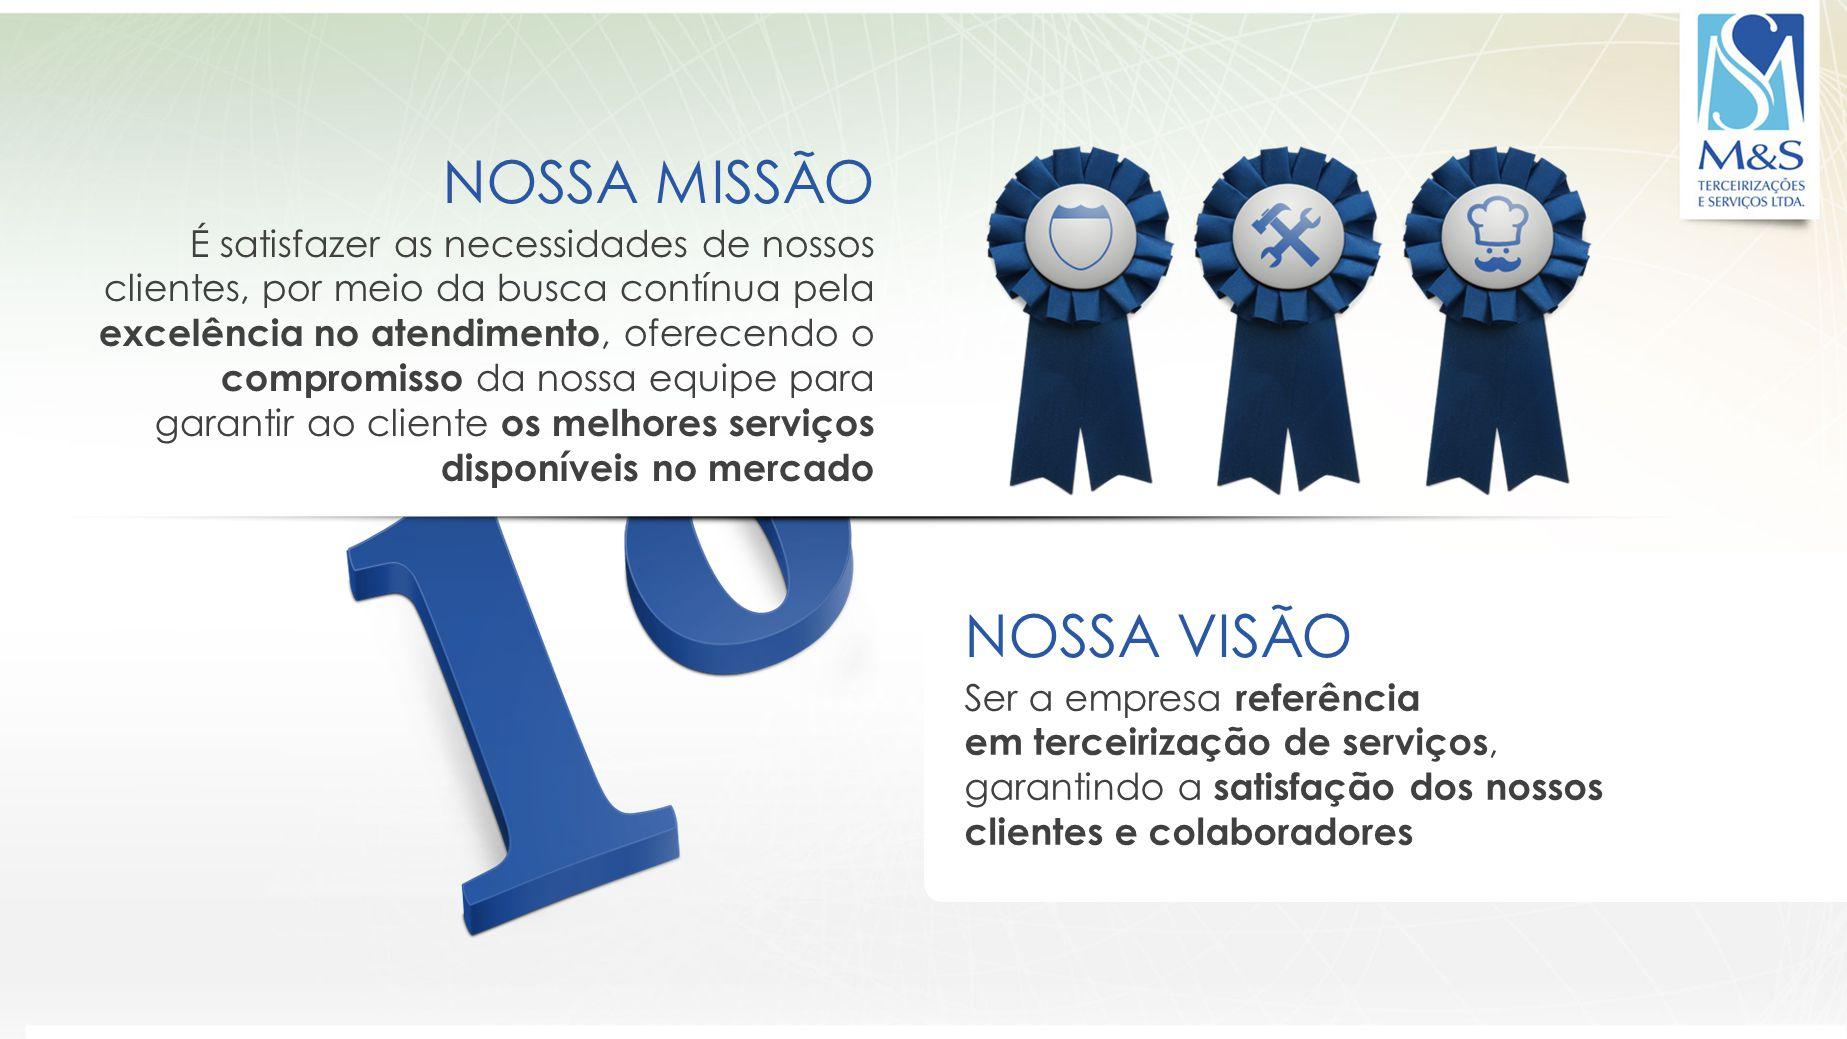 NOSSA MISSÃO NOSSA VISÃO